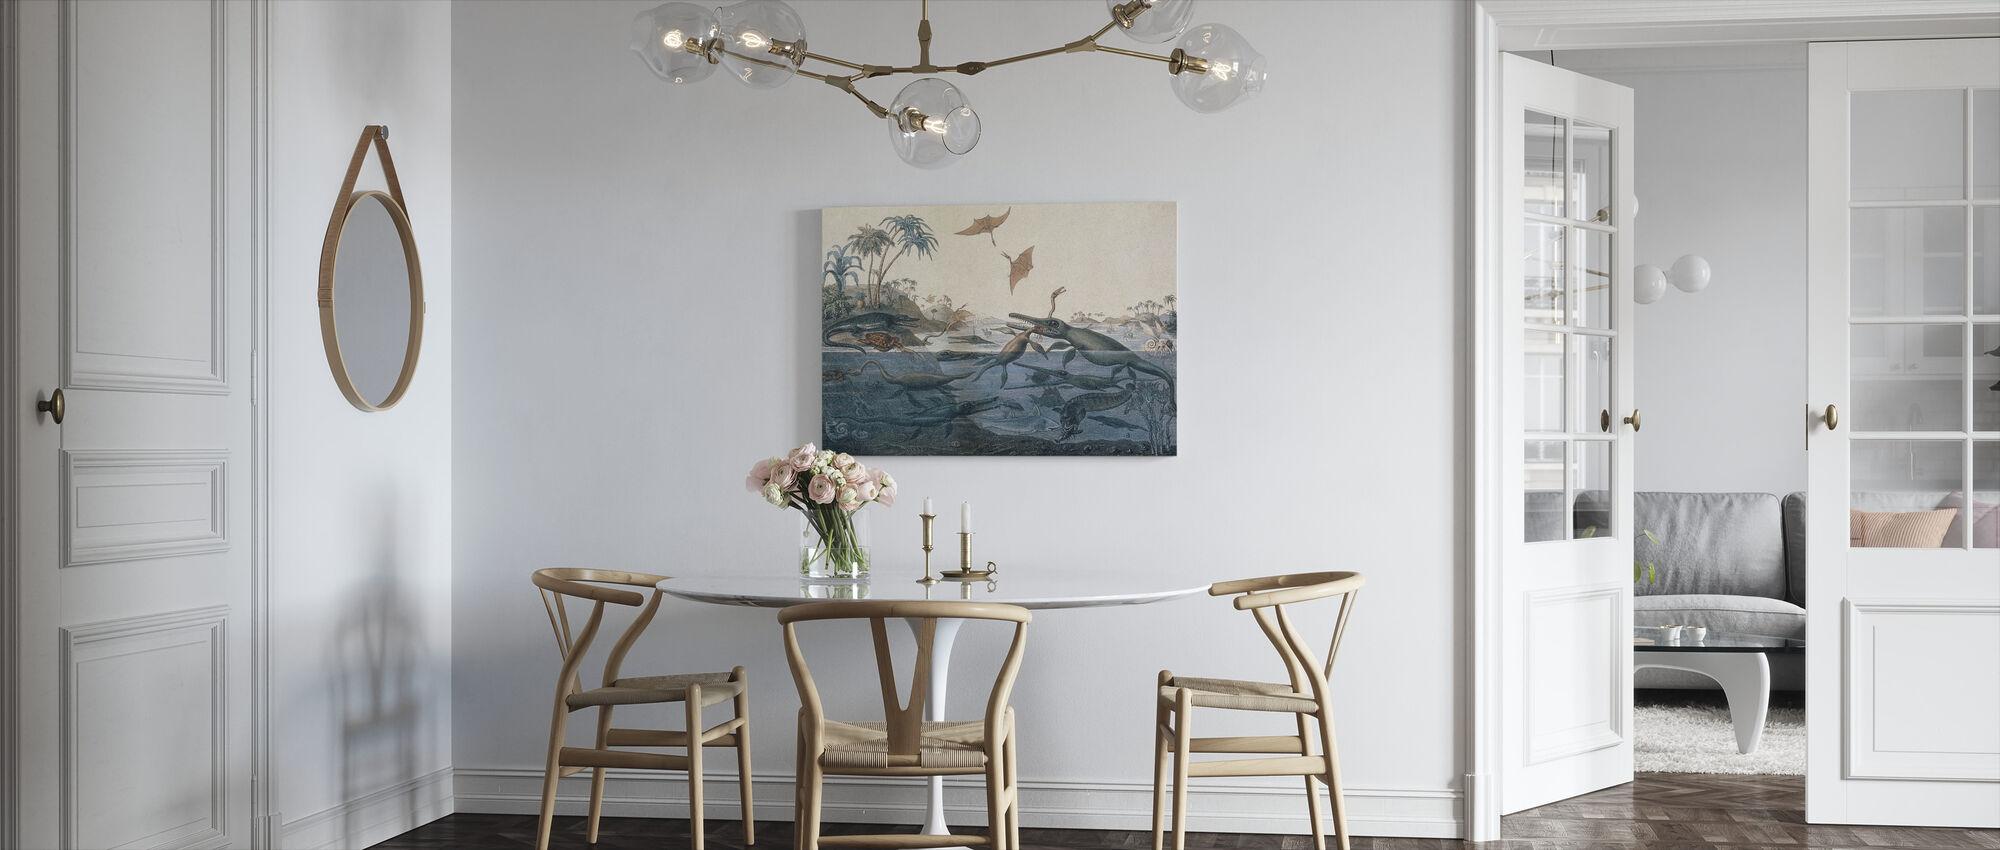 Henry De la Beche - Duria Antiquior - Canvas print - Kitchen